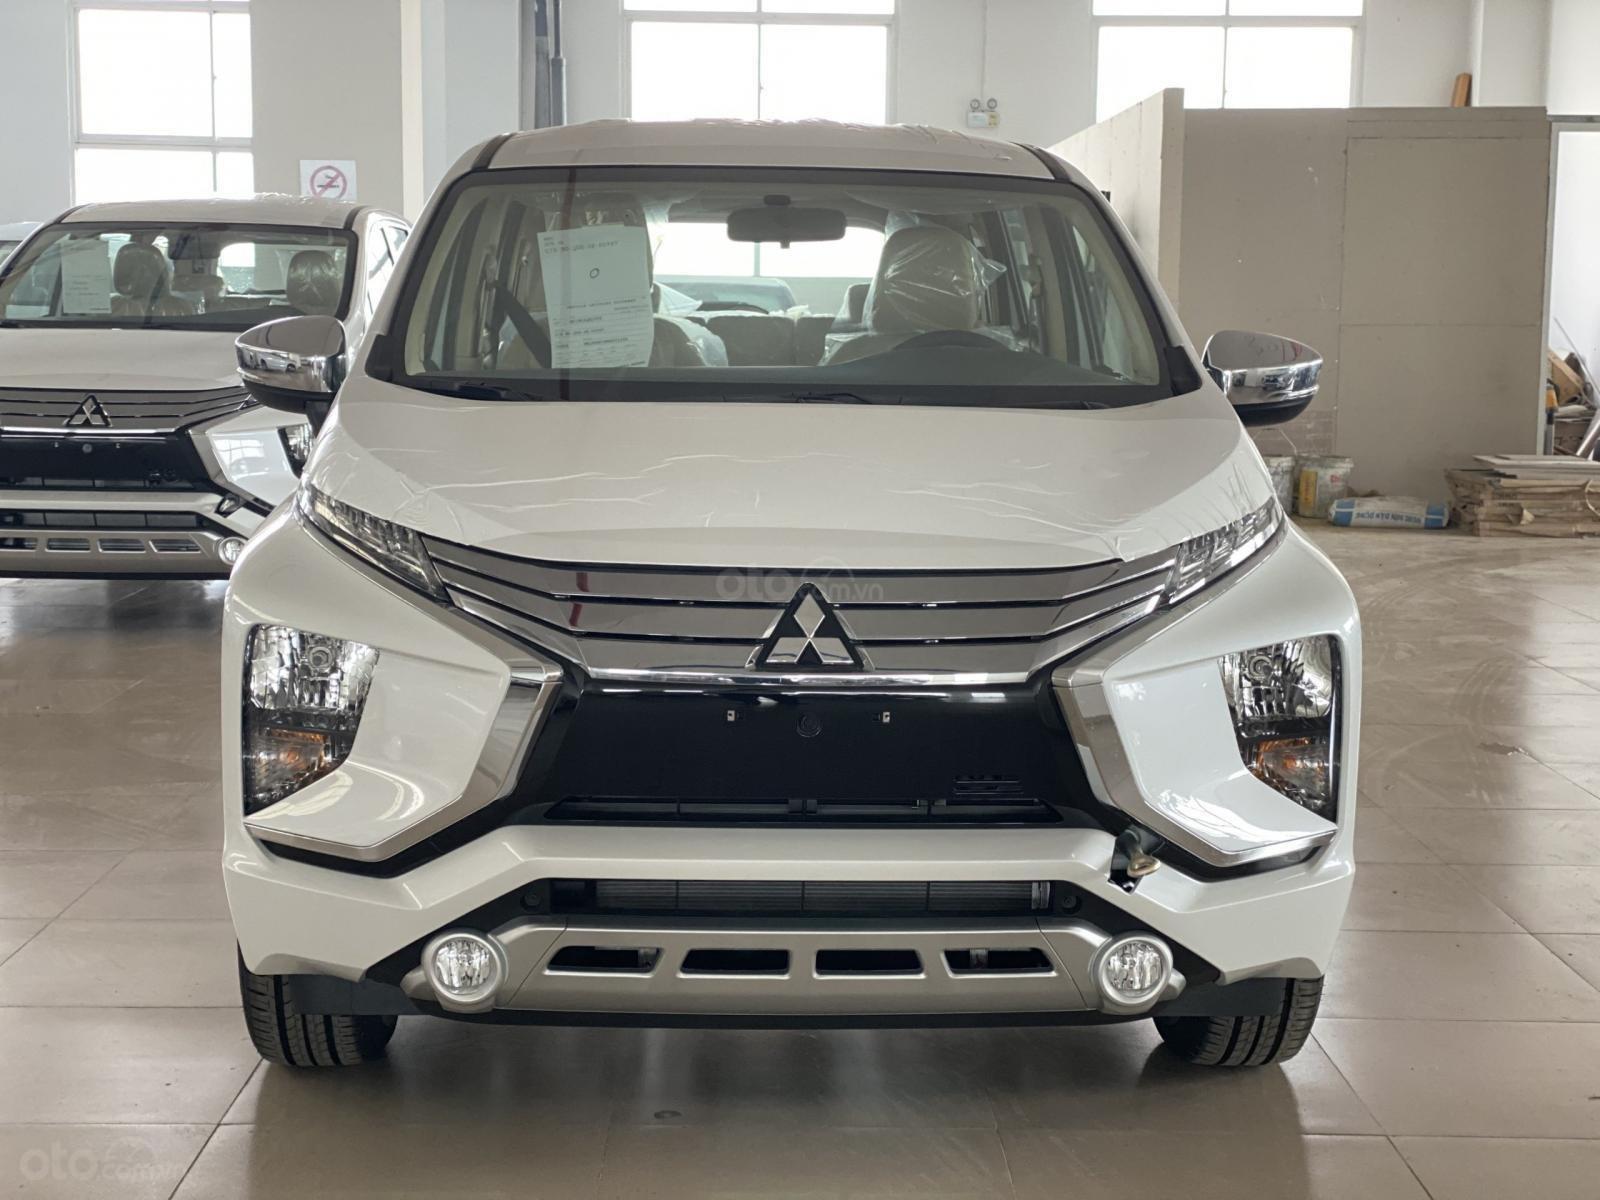 Bán Mitsubishi Xpander AT đời 2019, màu trắng, xe nhập, giá 620tr (1)